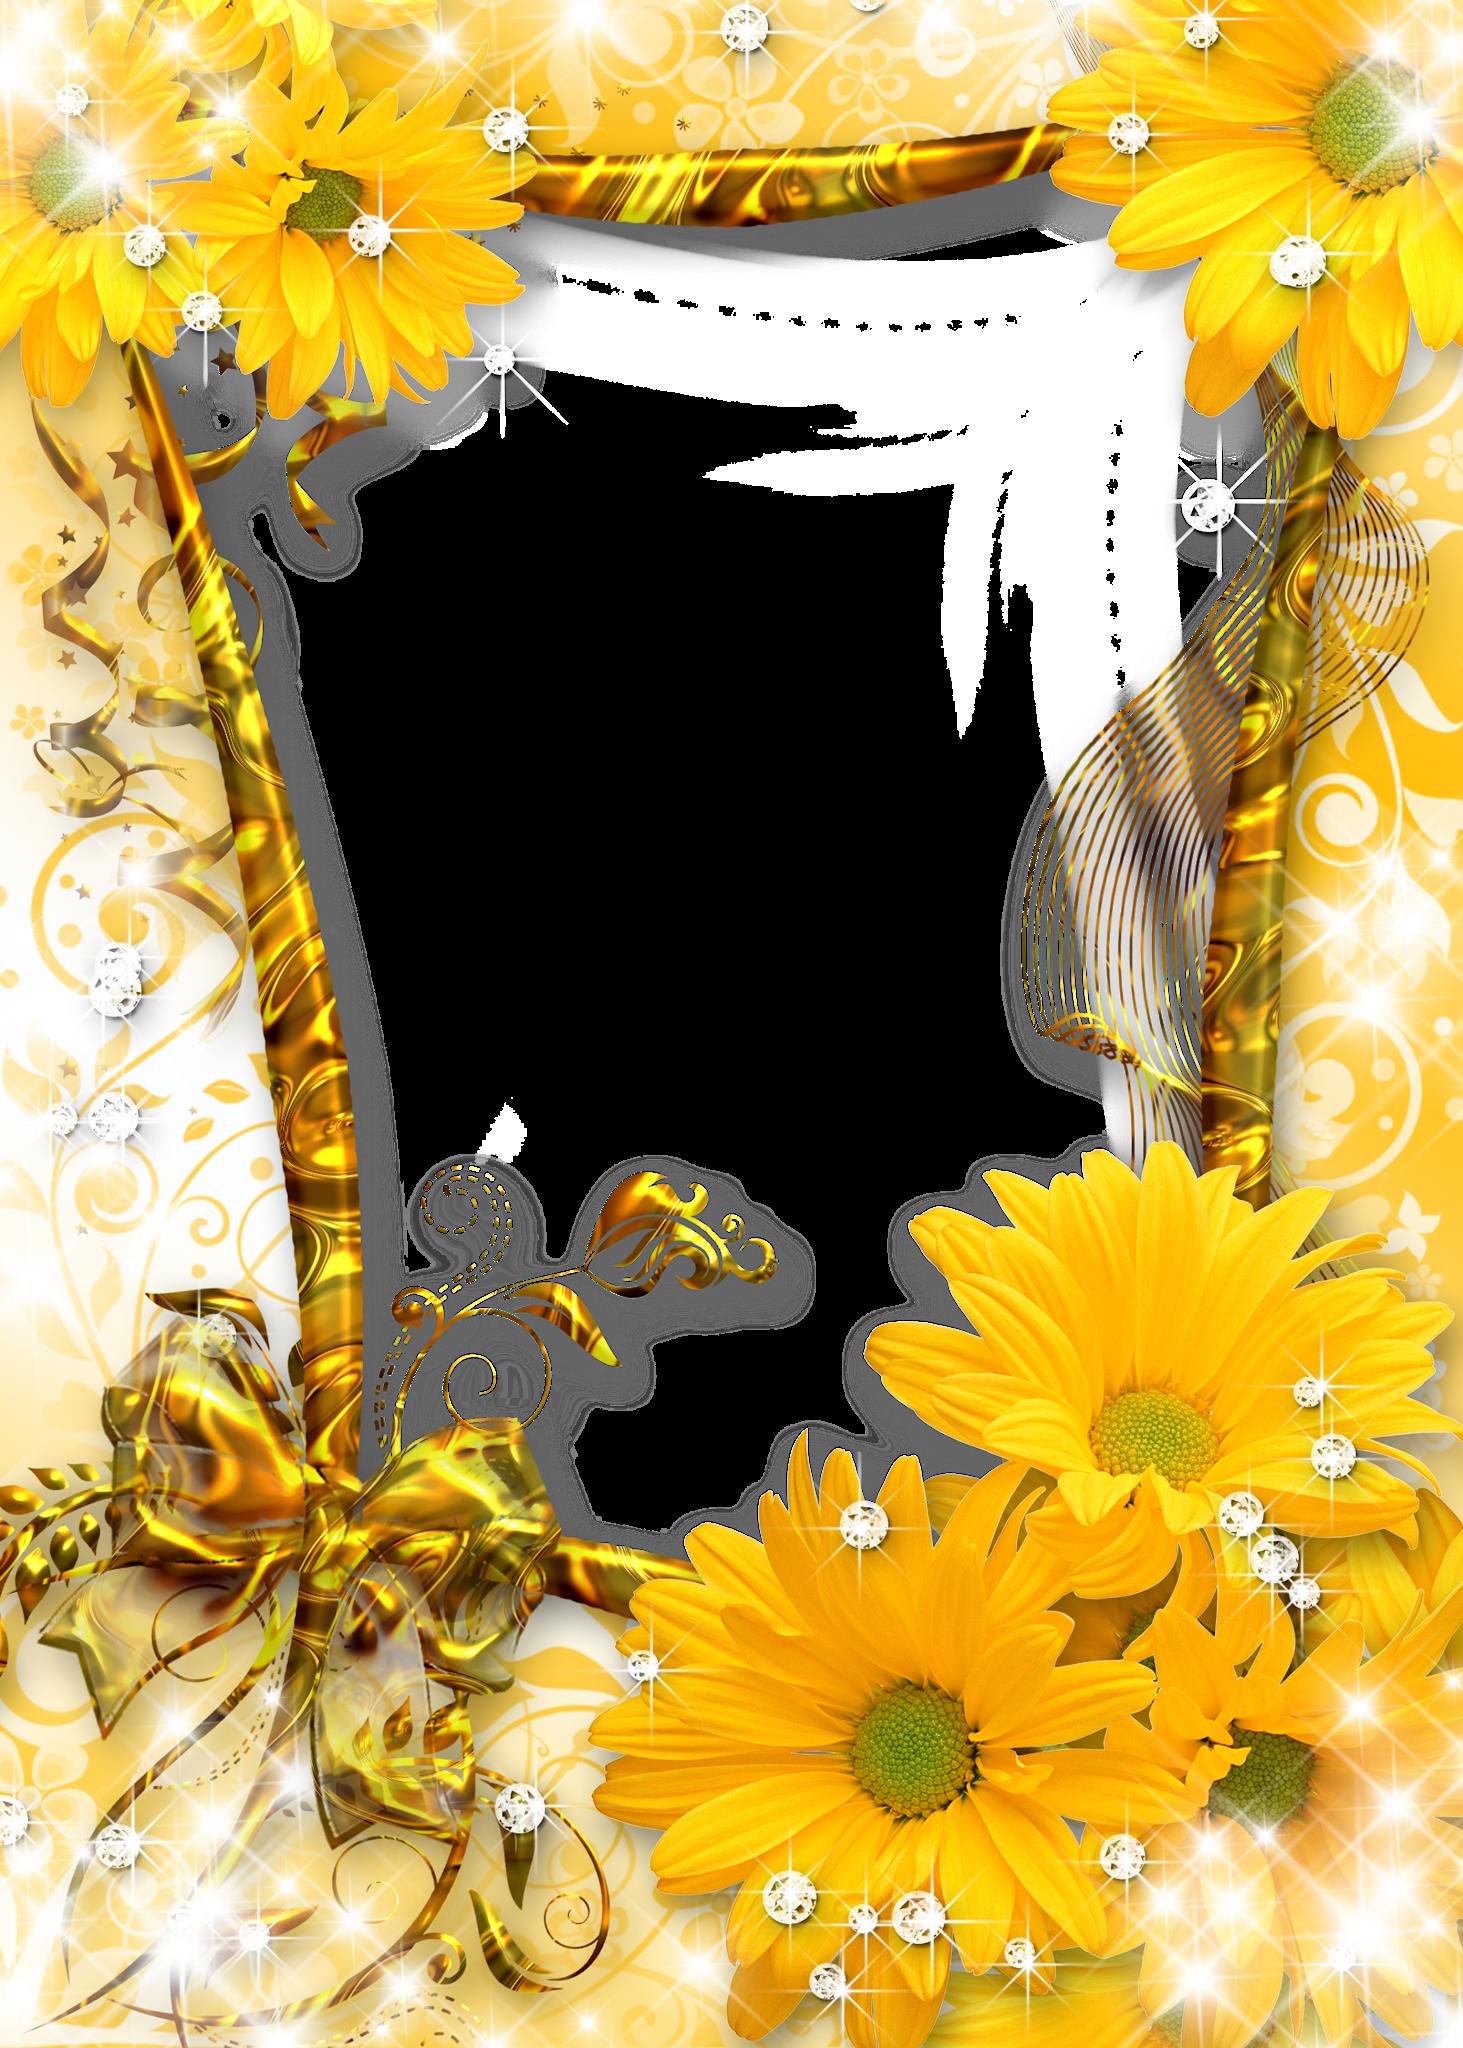 Sunflower frame clipart Sunflower frame png Sunflower